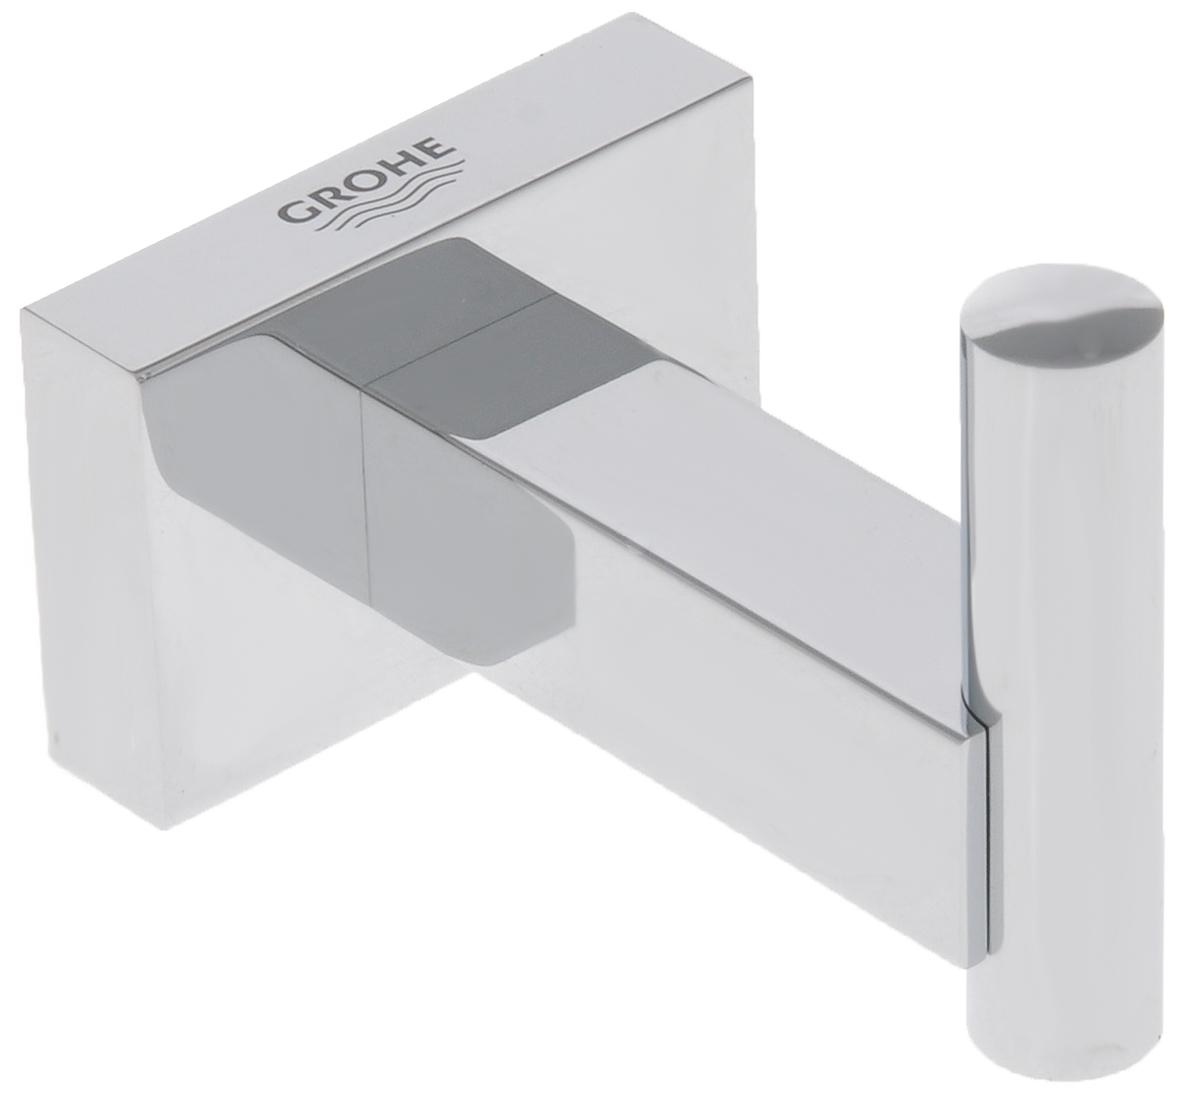 Крючок для банного халата Grohe Essentials Cube40511001С помощью прочного и стильного крючка Grohe EssentialsCube у вашего уютного банного халата появится в ваннойкомнате свое почетное место, где вы всегда сможете его найти,как только он вам потребуется. Этот аксессуар с элегантнымхромированным покрытием станет завершающим штрихом винтерьере ванной комнаты.